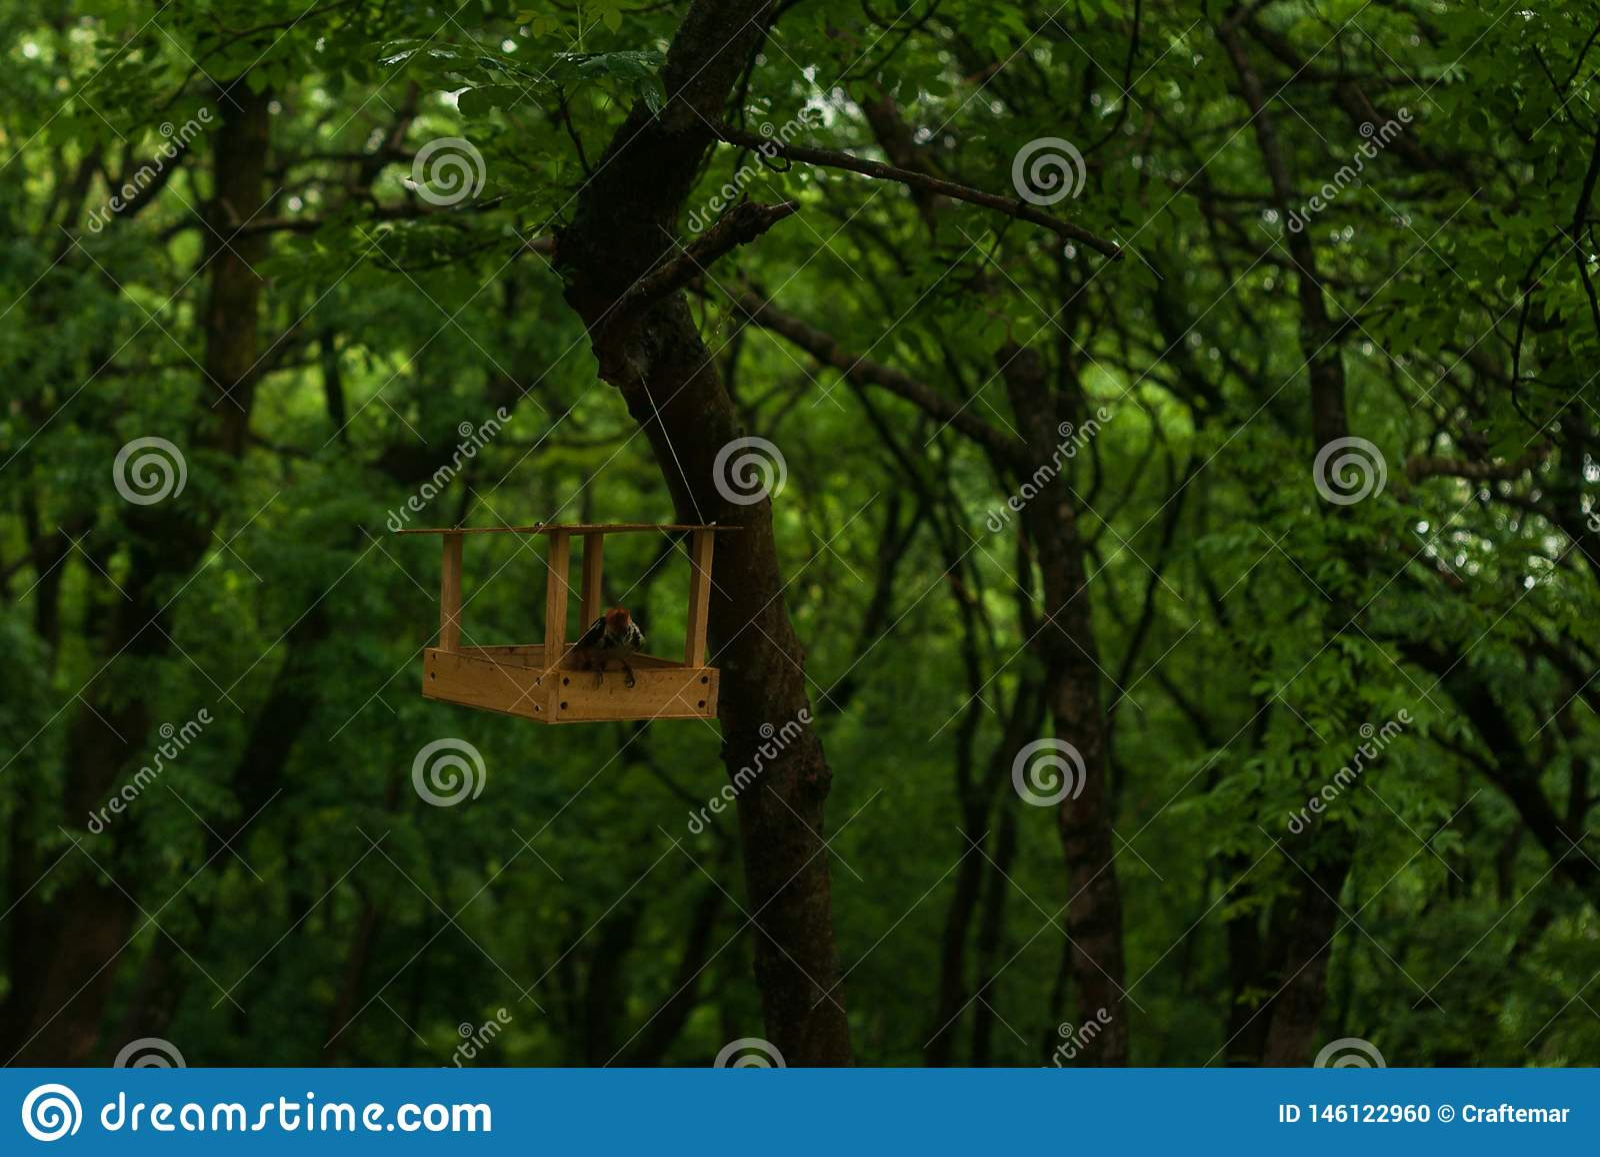 Denhövdade hackspetten producerar mat i skogfickeren gräver avmaskar i parkerar